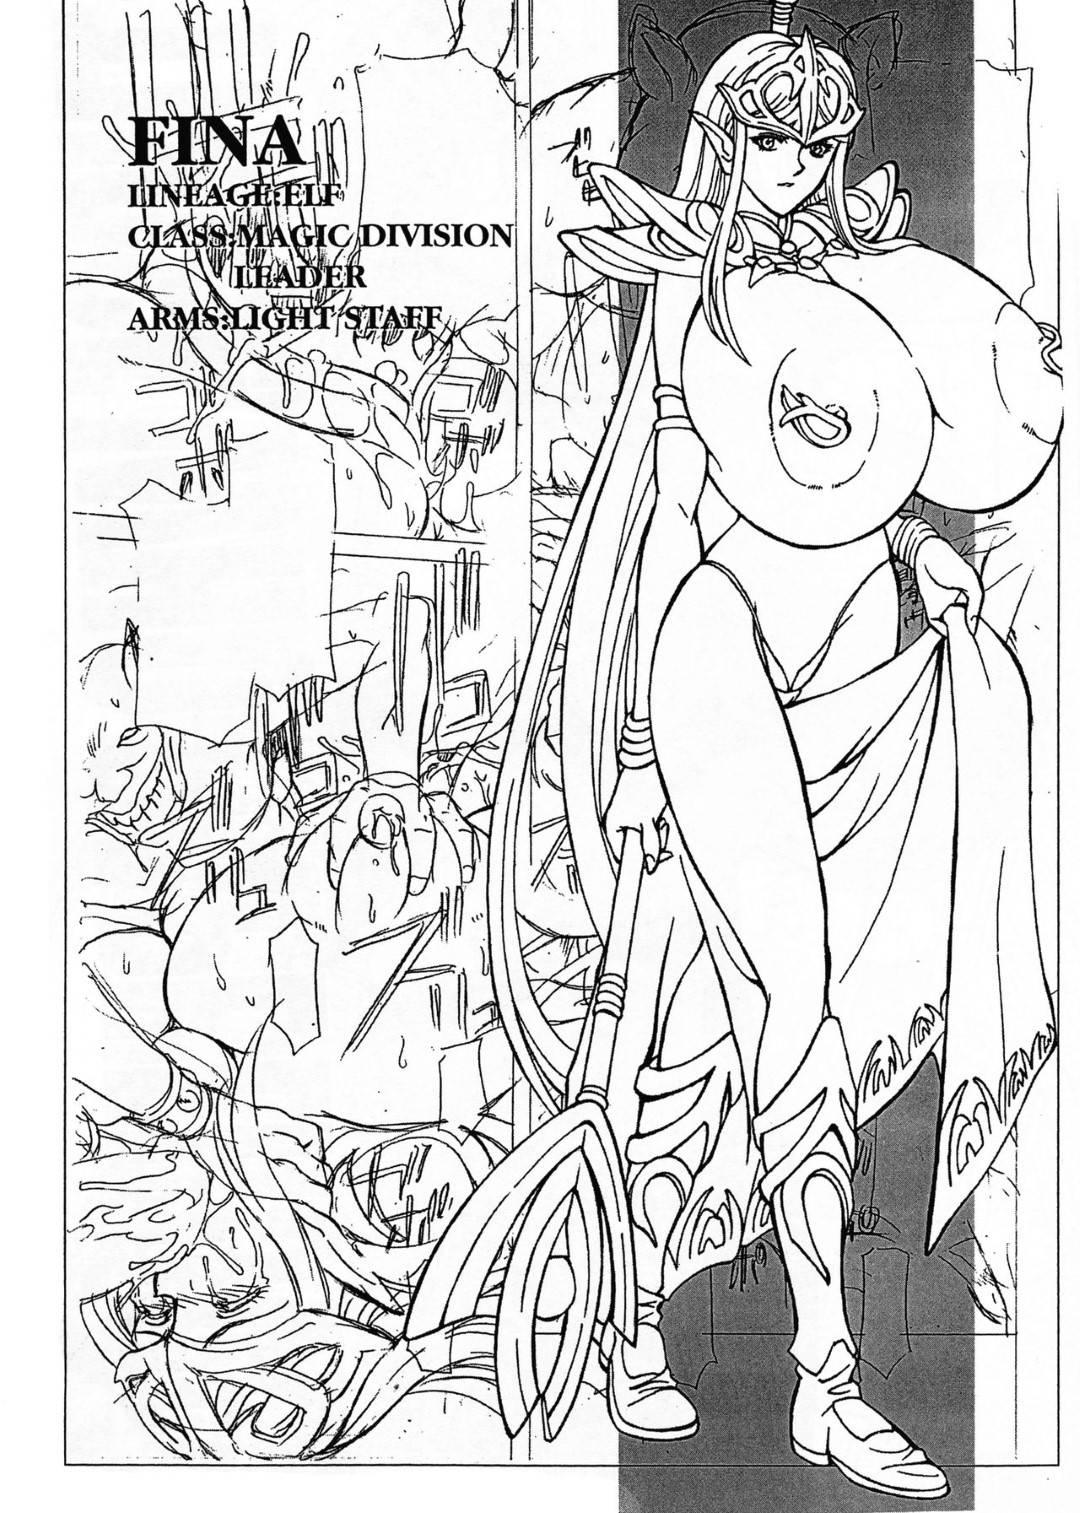 【エロ同人誌】キモいブタの集団に囲まれレイプされる爆乳金髪エルフ…イボイボチンポを咥えさせられマンコにもブッ込まれて激しく中出しされ続けるも快楽に溺れてレイプアクメ【SPECIAL ACTION FORCE(長谷部臣丈):THOSE WHO RAPE EROVES/c】